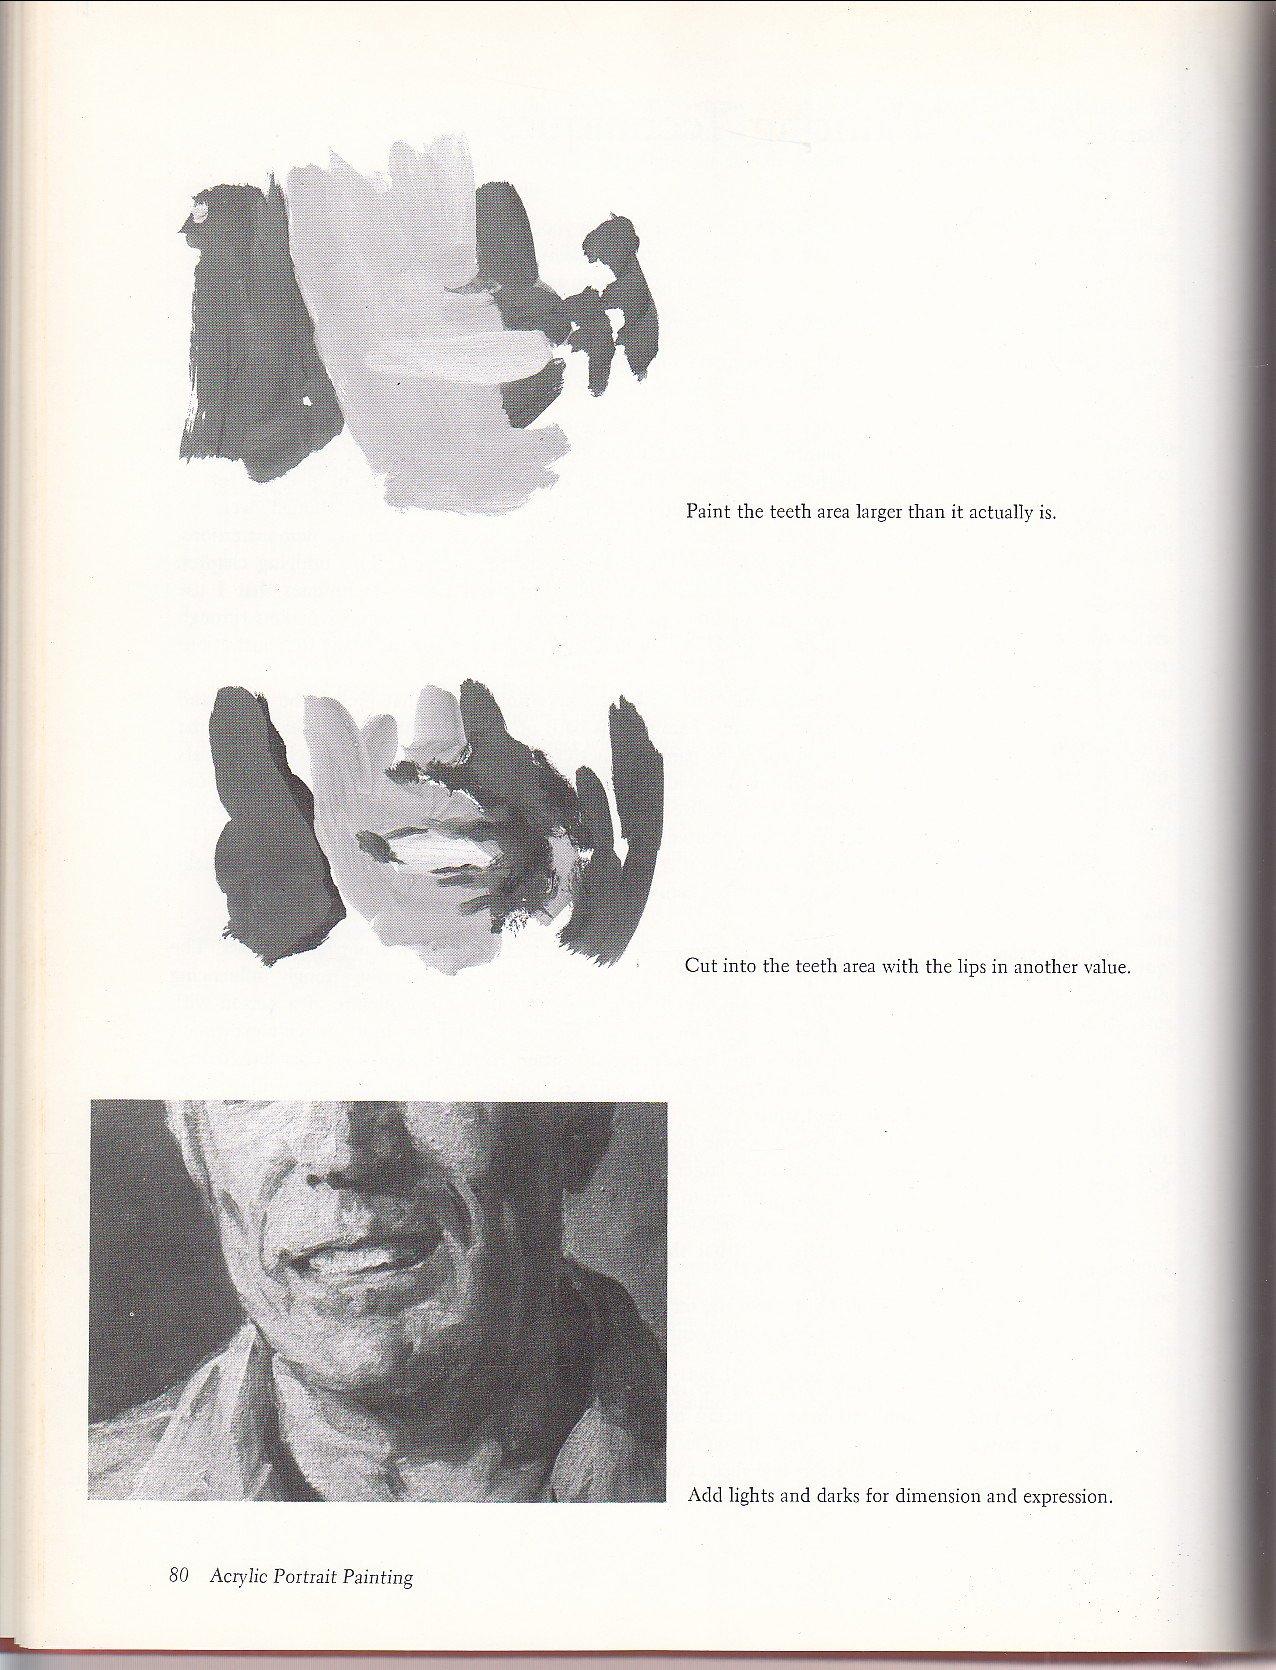 Acrylic portrait painting helen van wyk 9780823000753 amazon acrylic portrait painting helen van wyk 9780823000753 amazon books fandeluxe Images